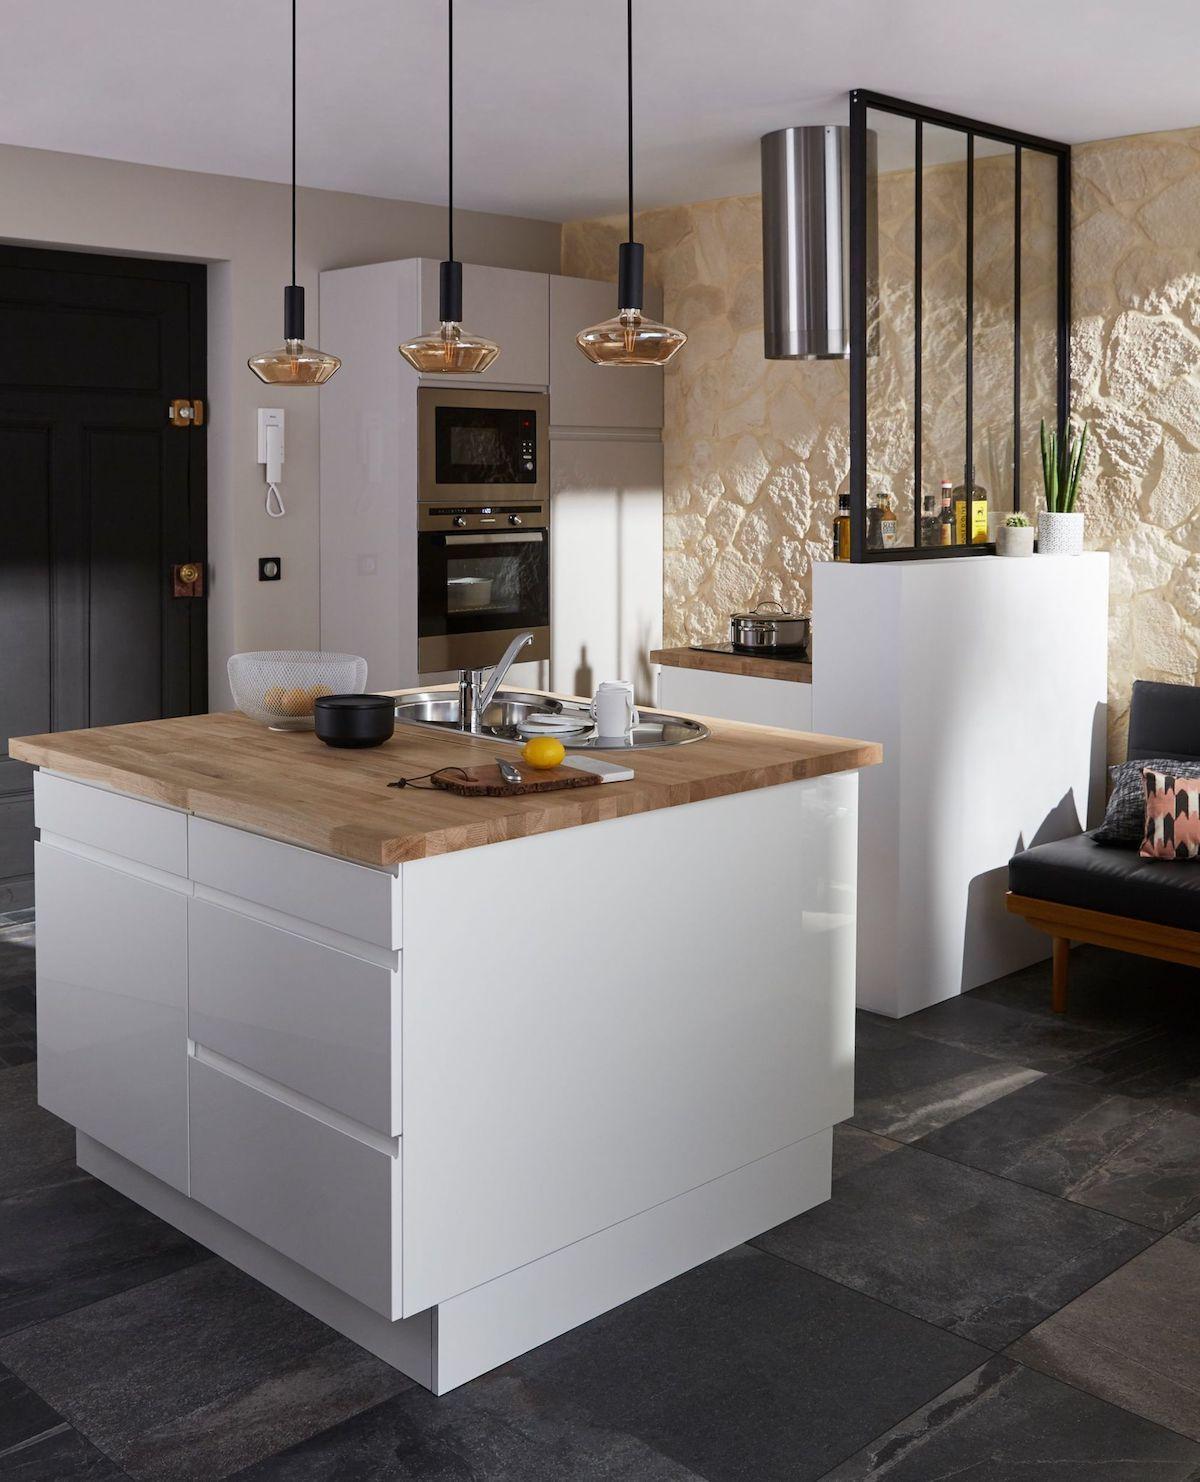 Cuisine Ouverte Sur Salon Reussie 20 Astuces Cuisine Ouverte Sur Salon Cuisine Tendance Cuisine Moderne